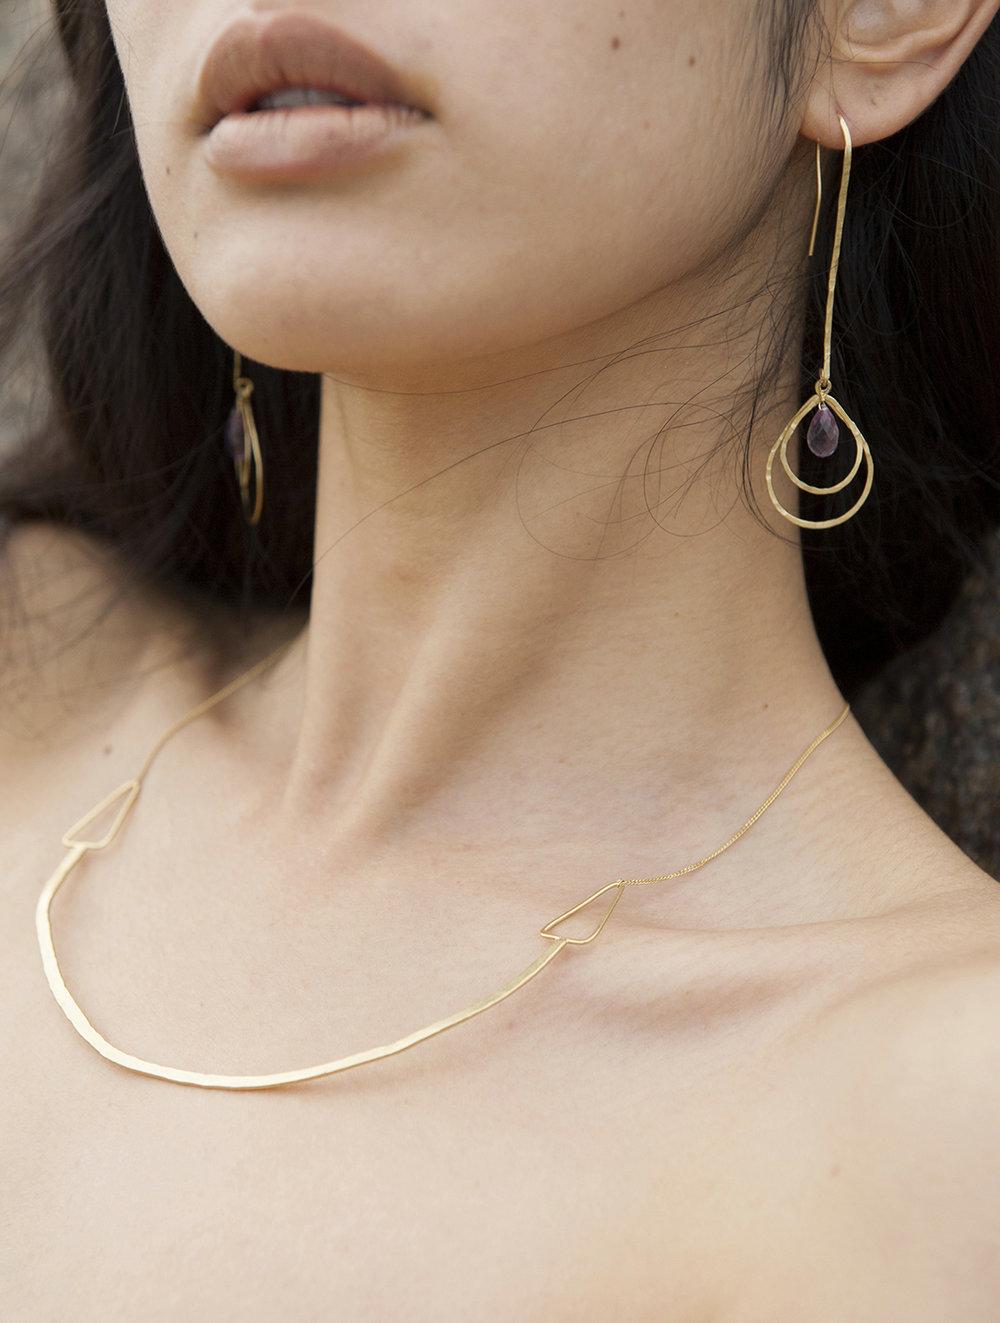 Collier et boucles d'oreilles rigide, or martelé, géométrie, triangle, gouttes d'améthystes.